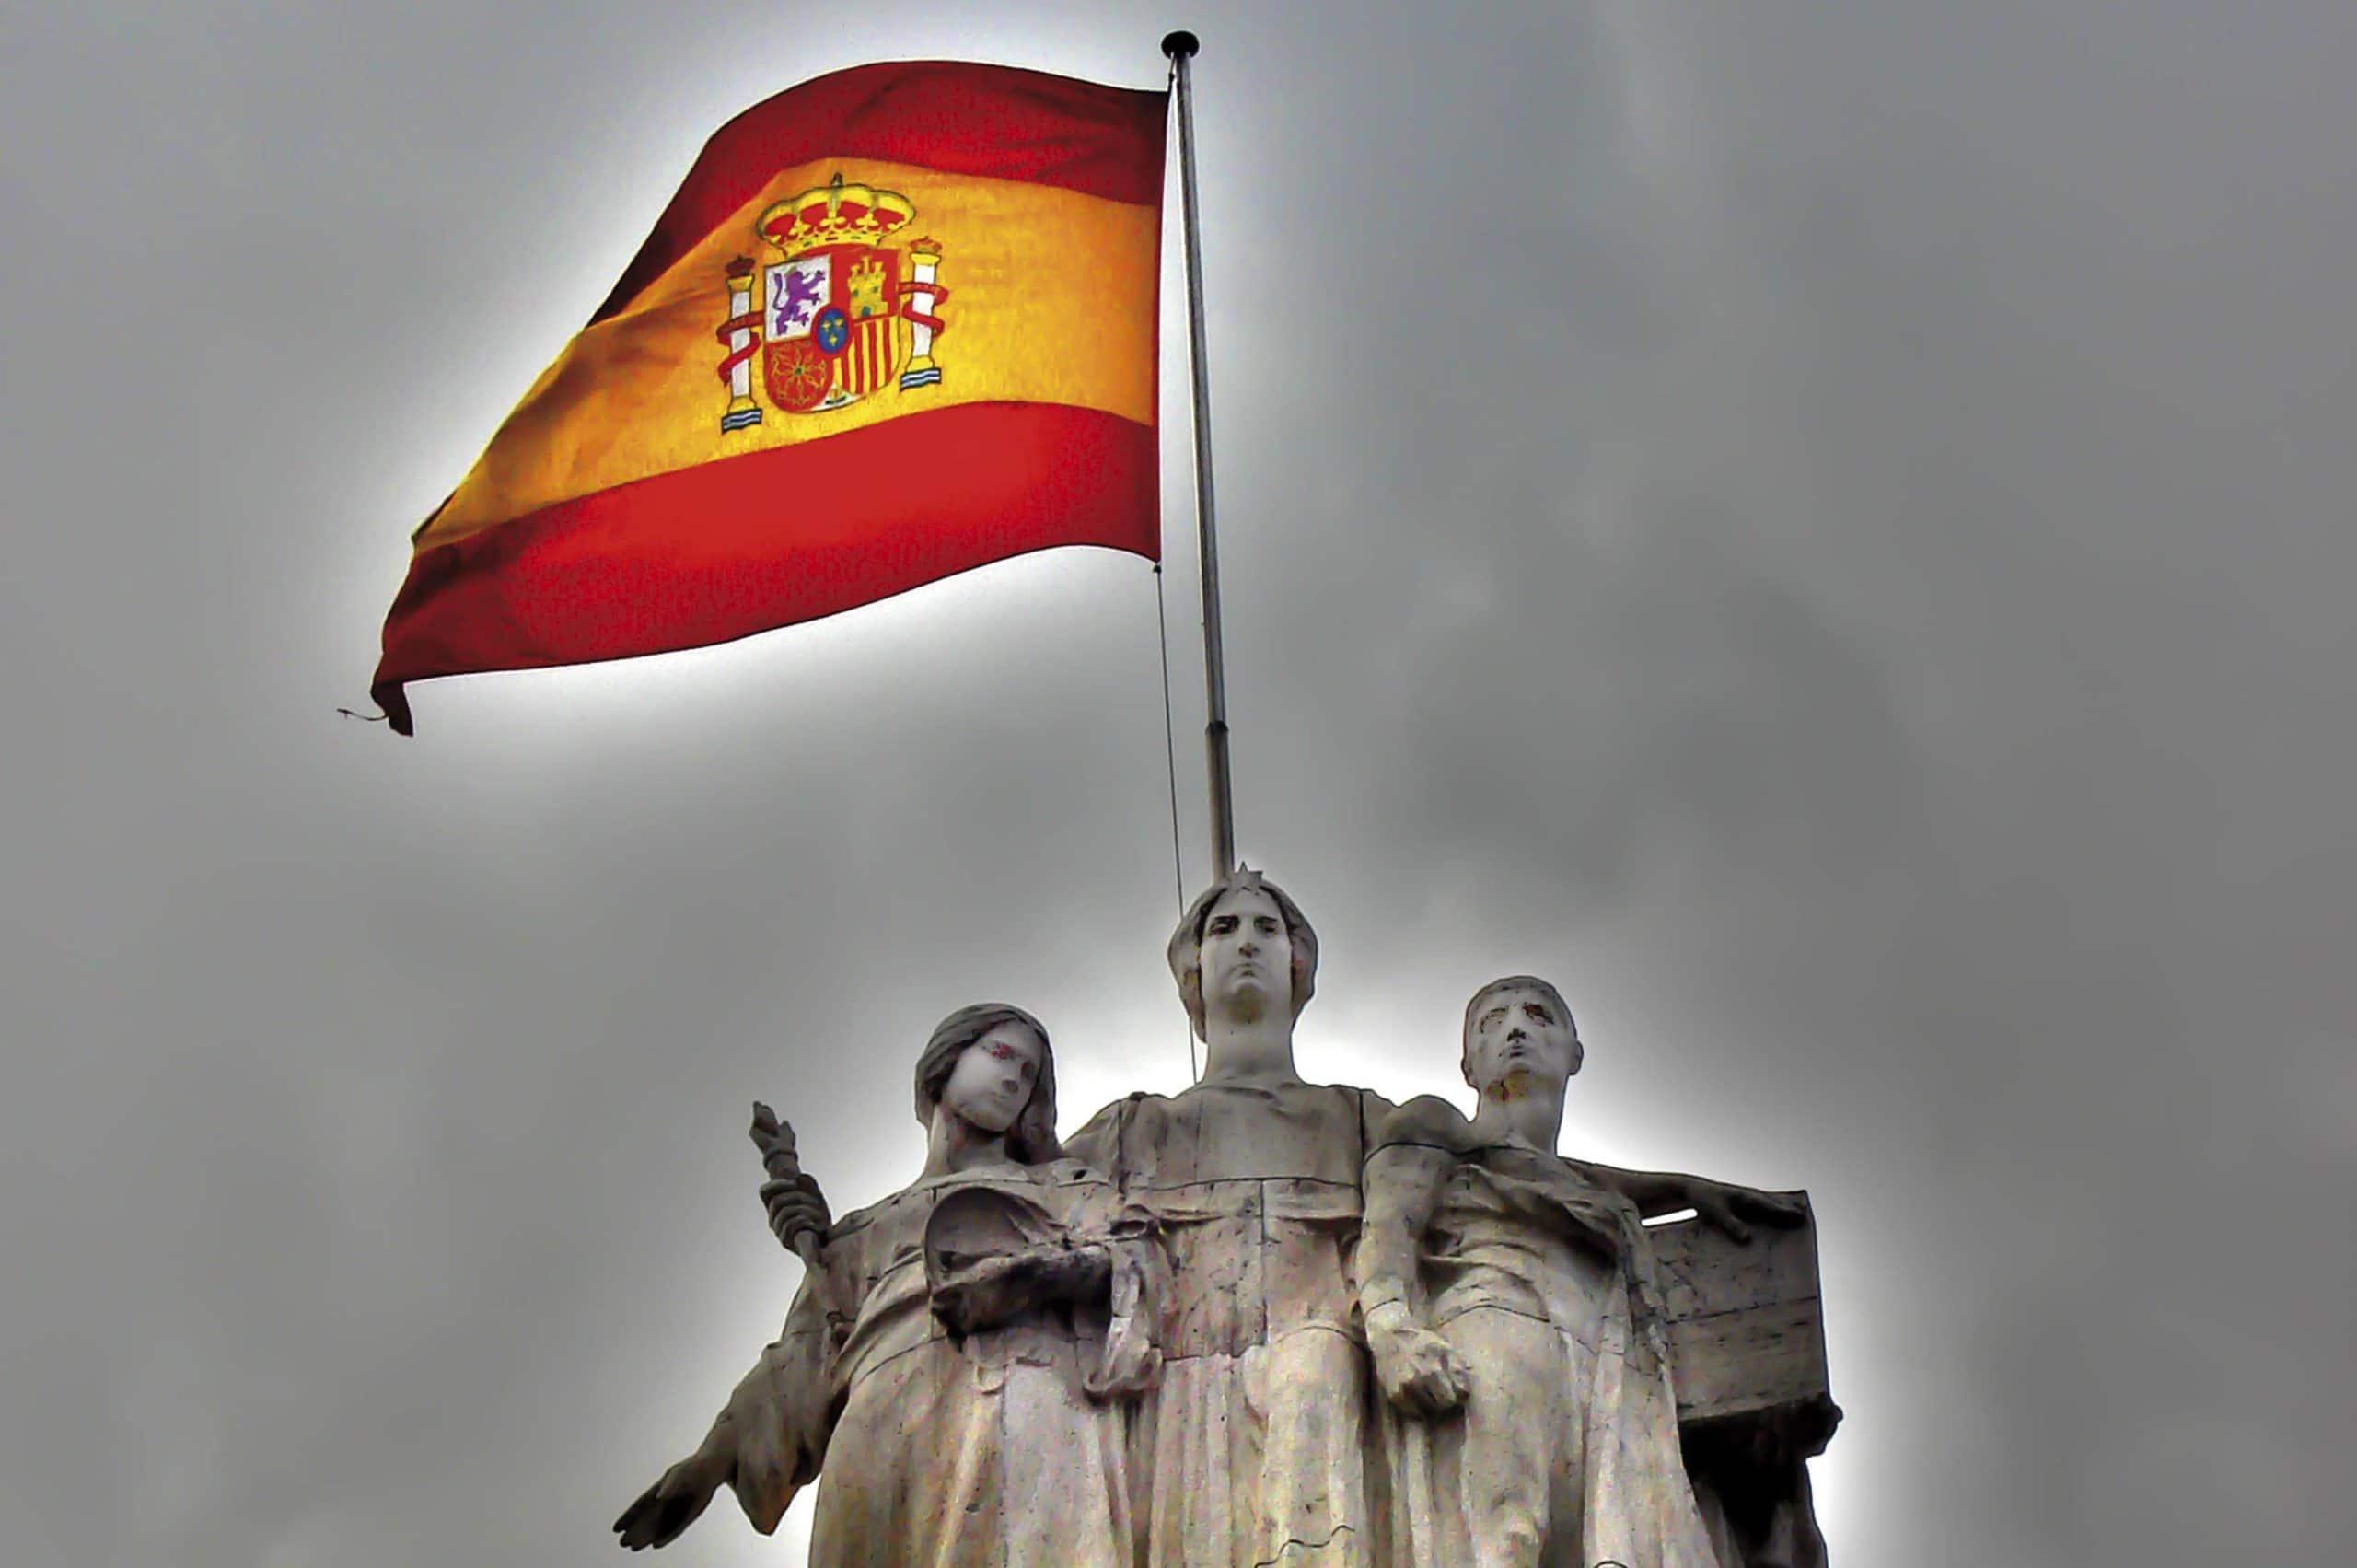 La Ley flanqueda por la Justicia (izquierda) y el derecho, escultura que adorna la entrada principal al Tribunal Supremo. Obra de Miguel Blay.